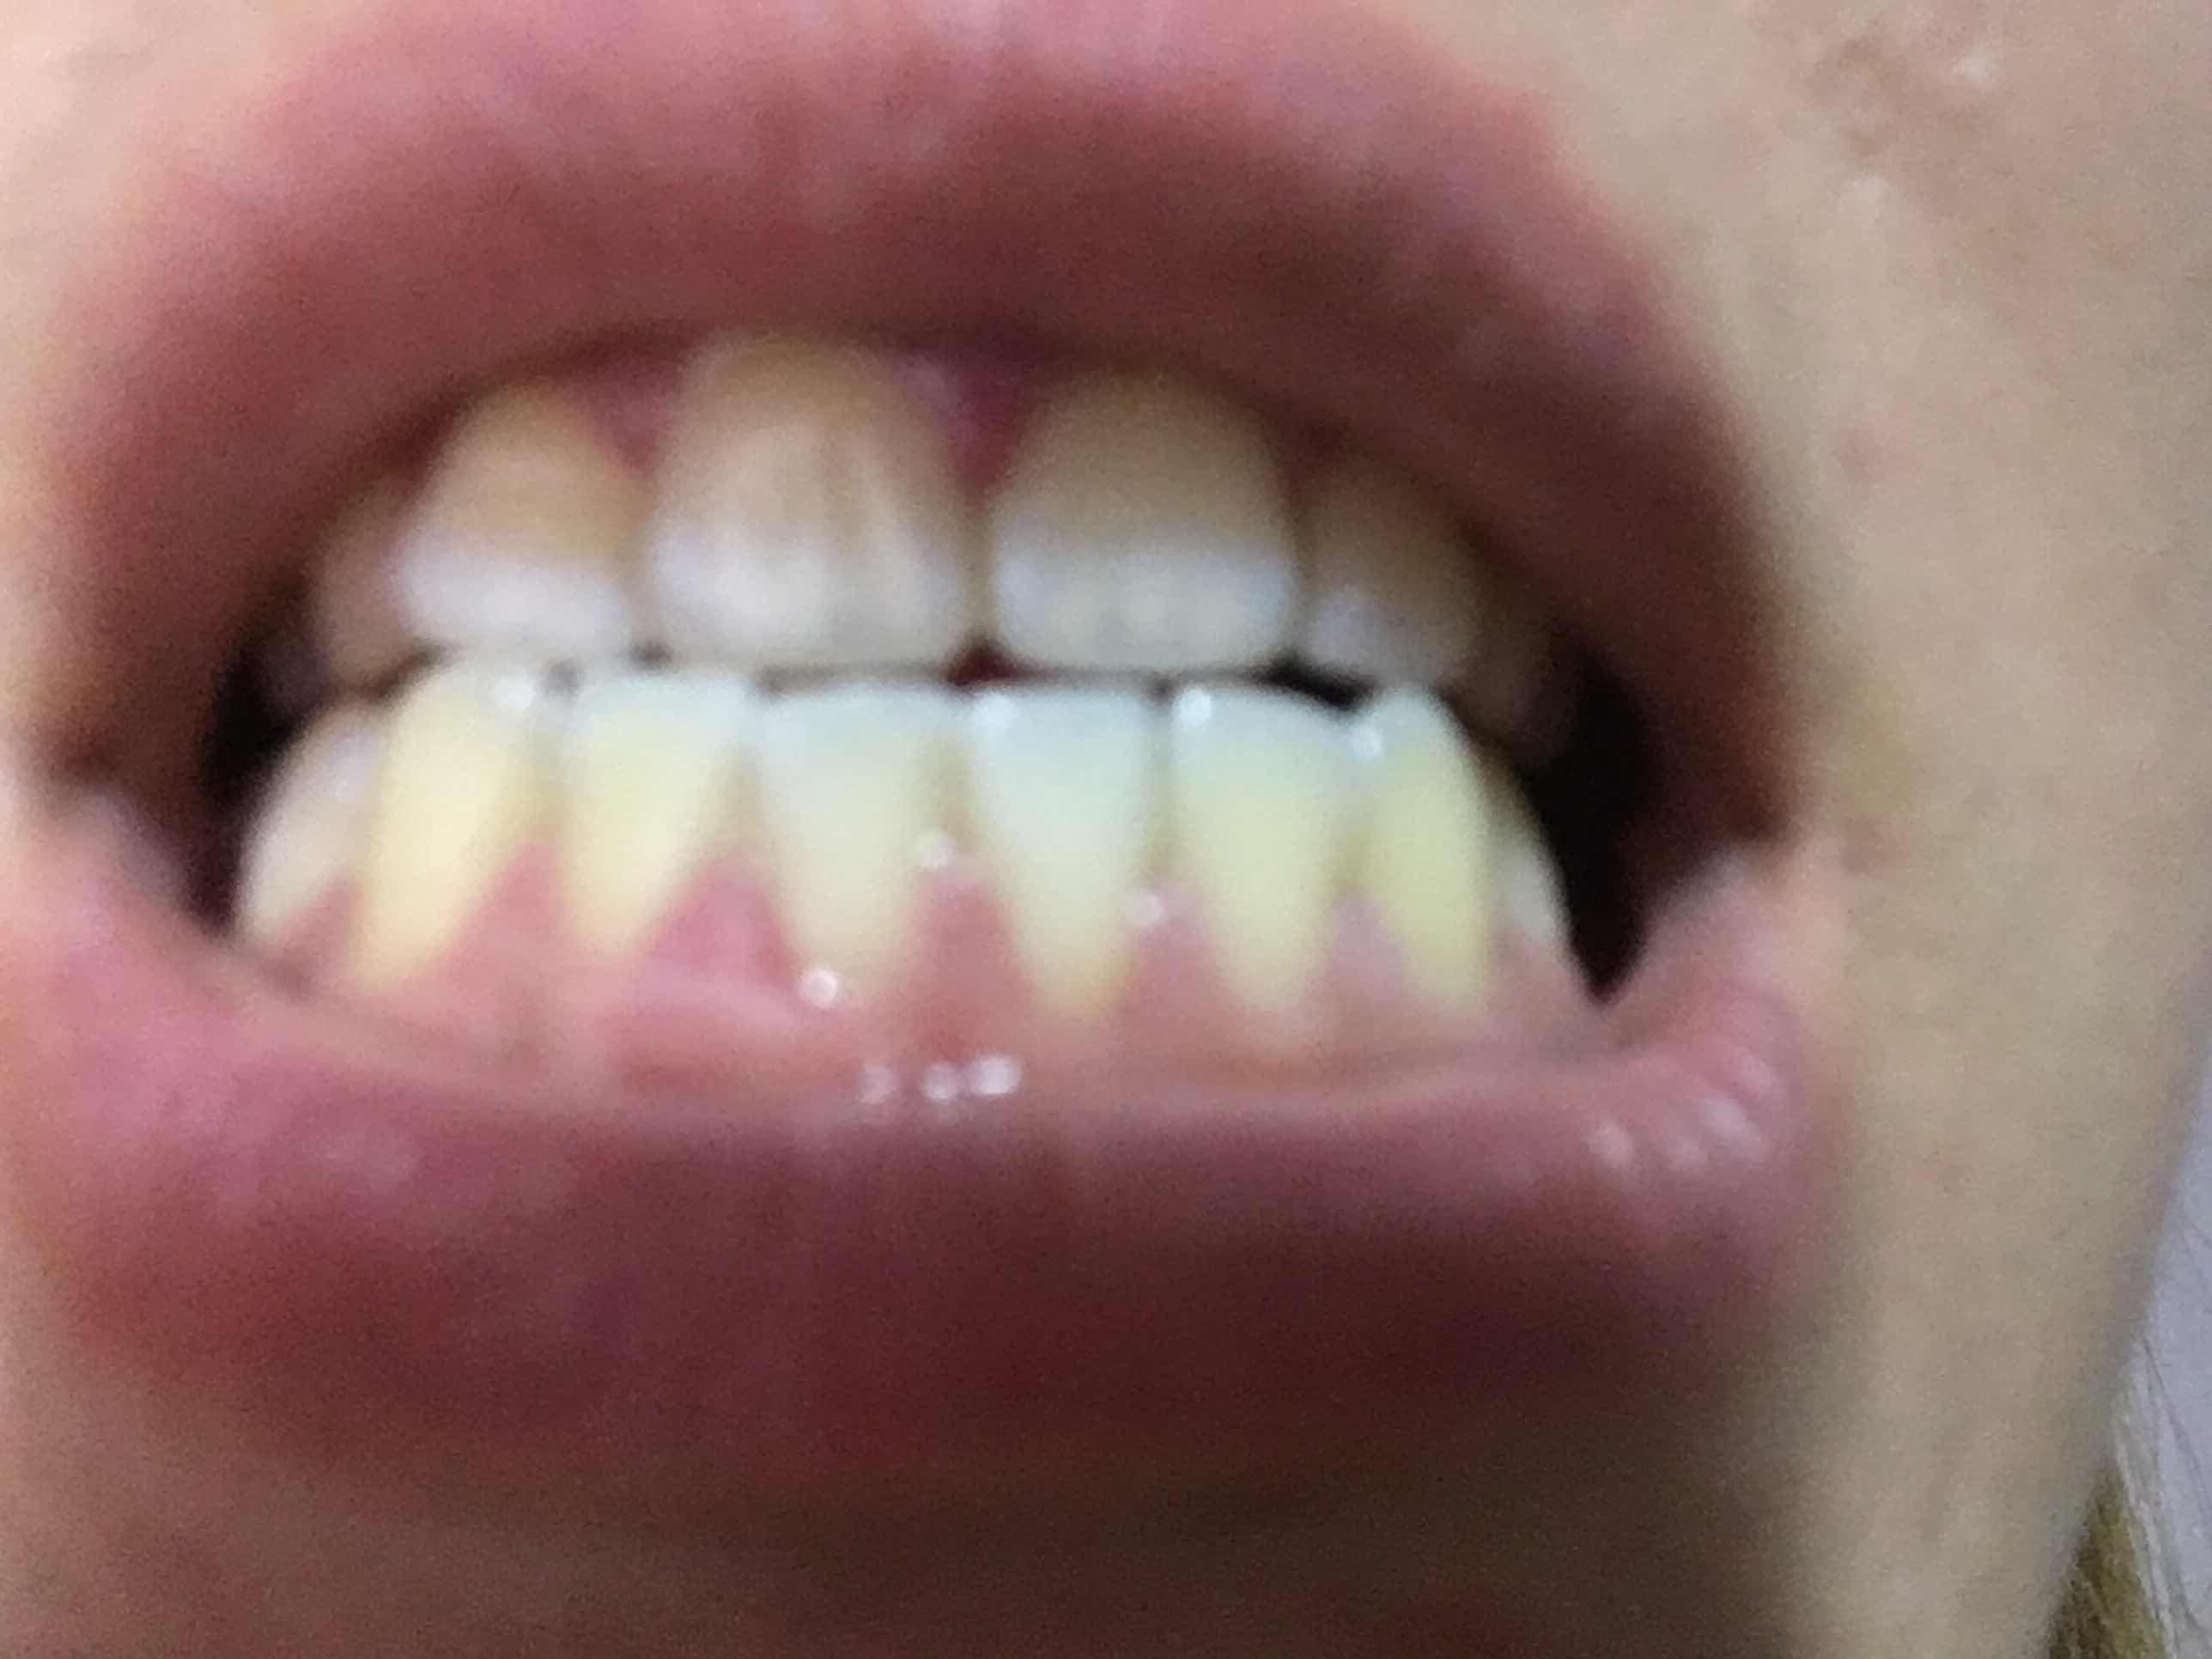 你的牙齿准备激光美白了吗?准备开始美白牙齿